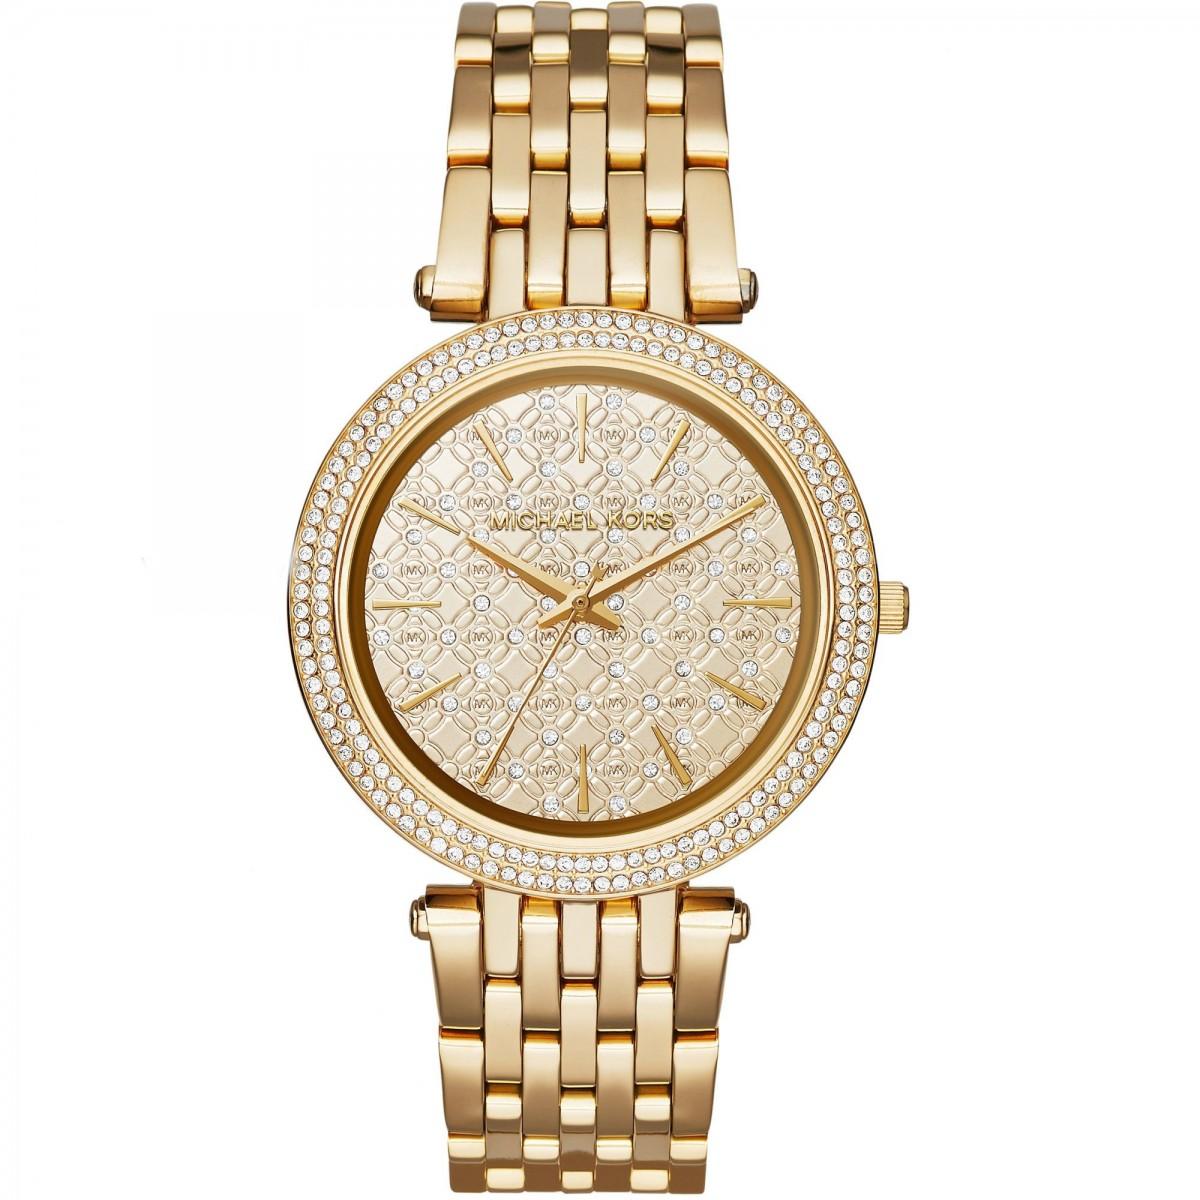 Compre Relógio Michael Kors em 10X   Tri-Jóia Shop 1d60d74c99